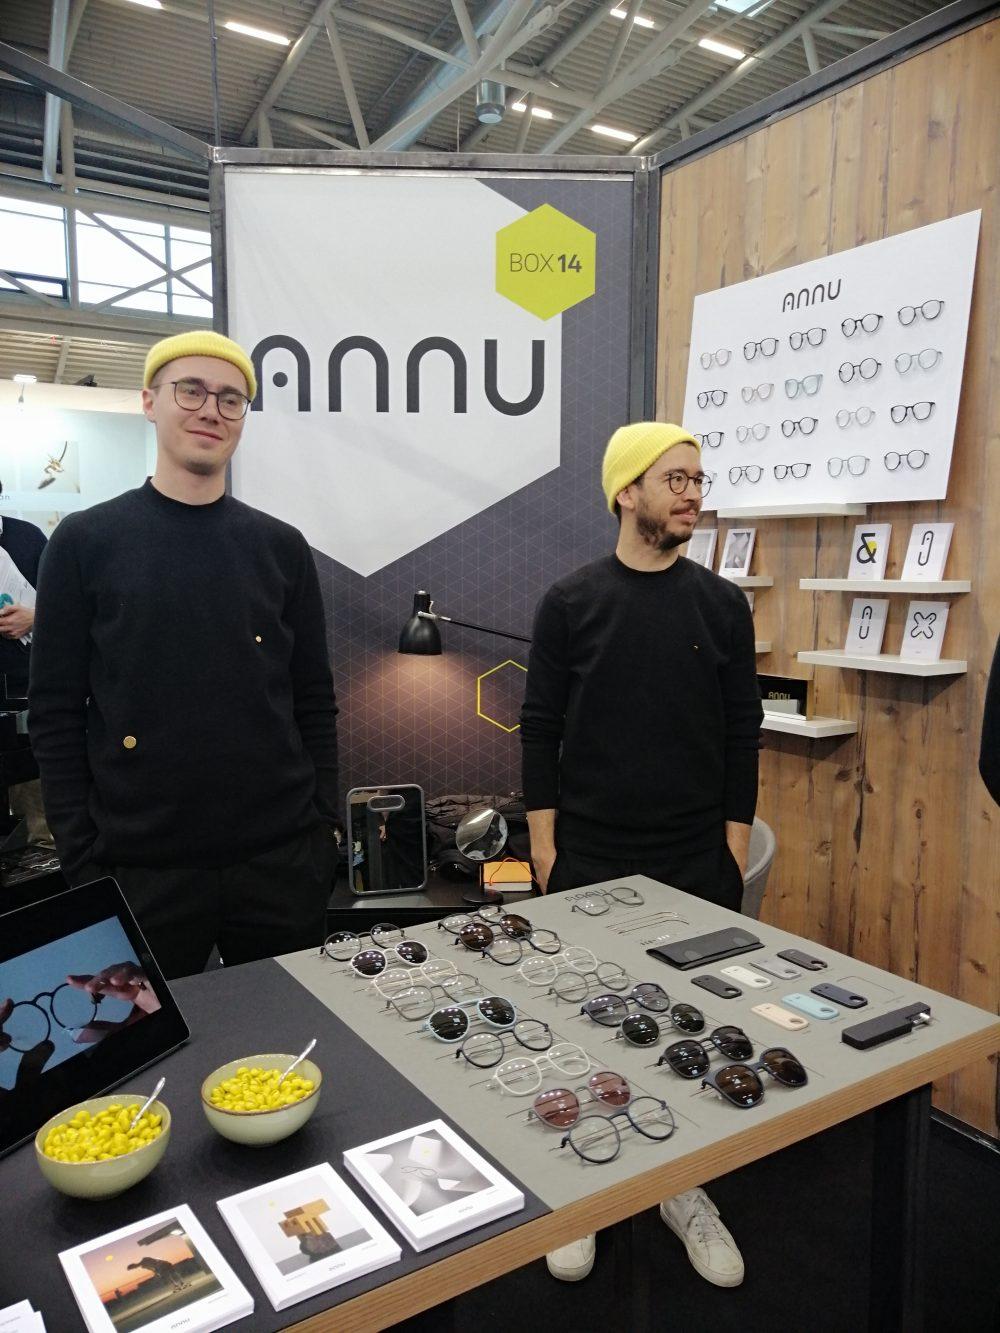 Annu at Opti 2019